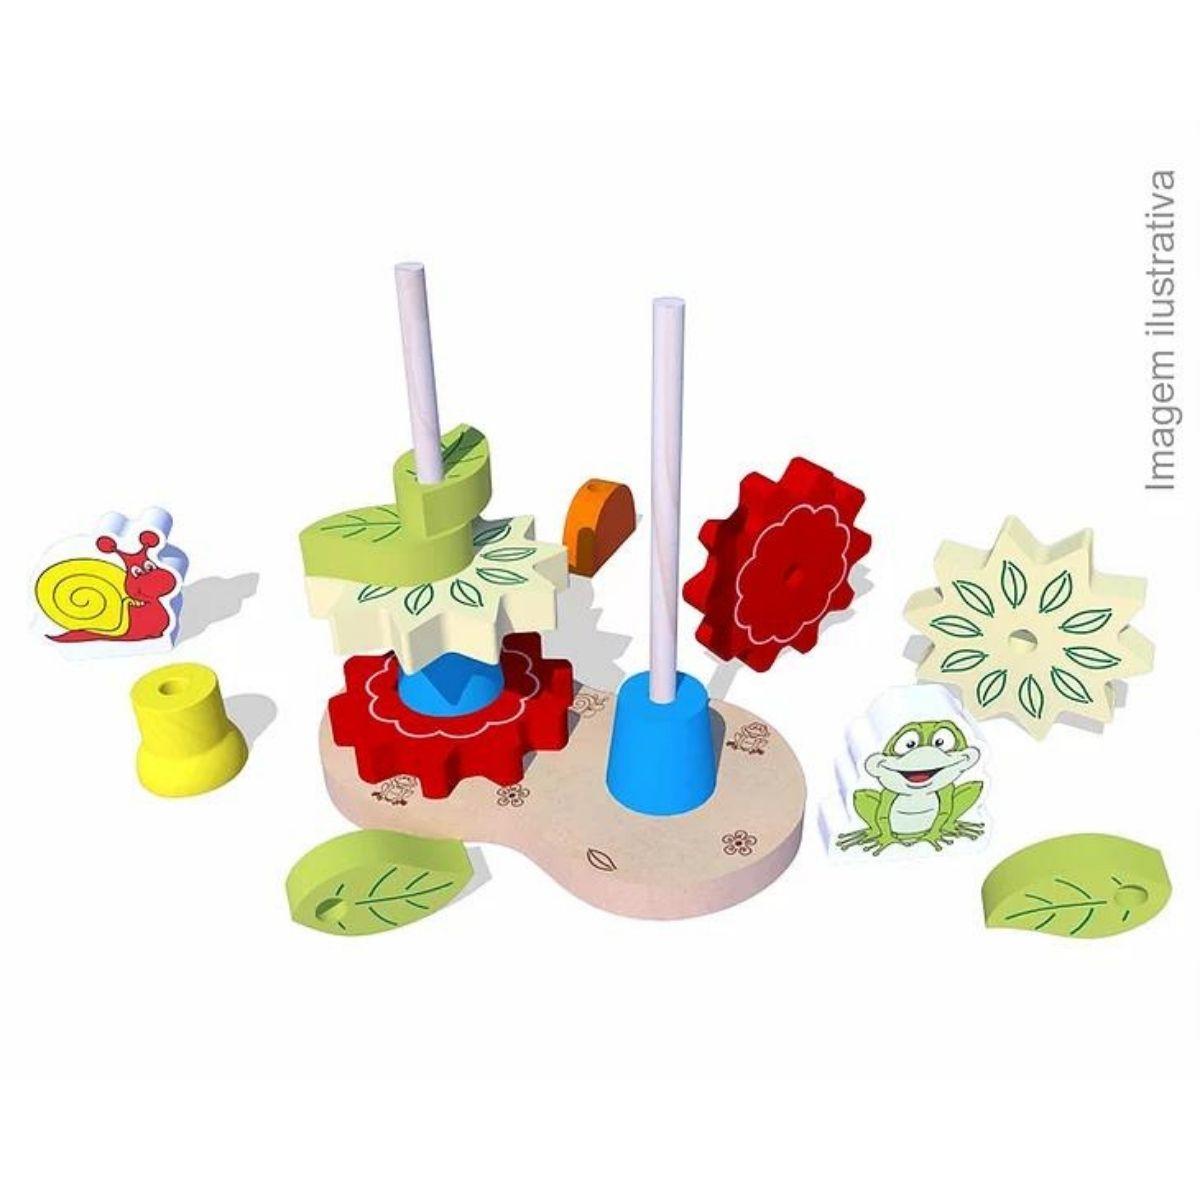 Brinquedo Montessori Educativo Torre Decorada